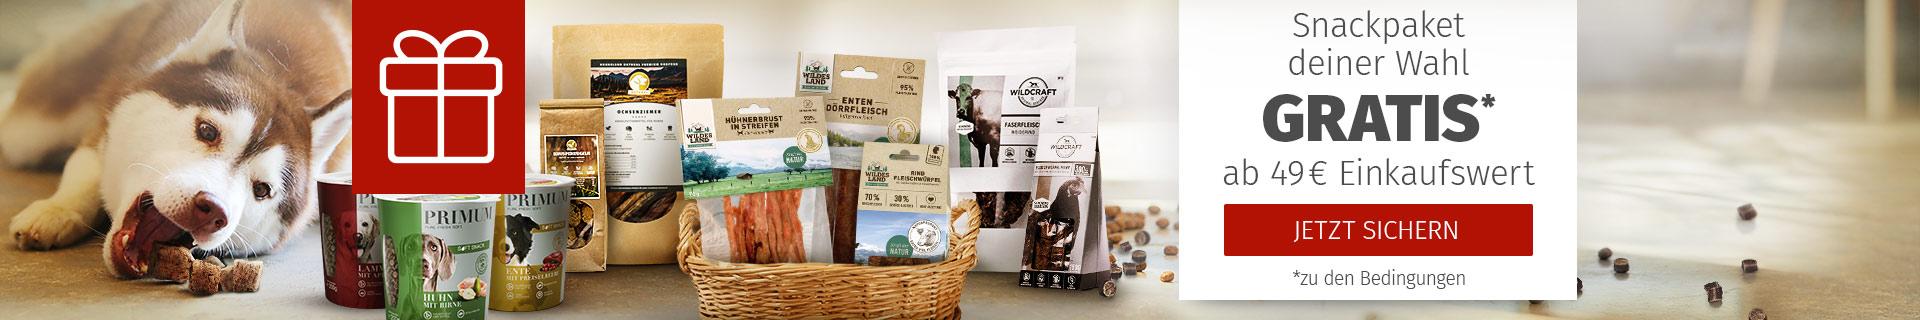 Snackpaket für Hunde gratis ab 49€ Mindesteinkaufswert